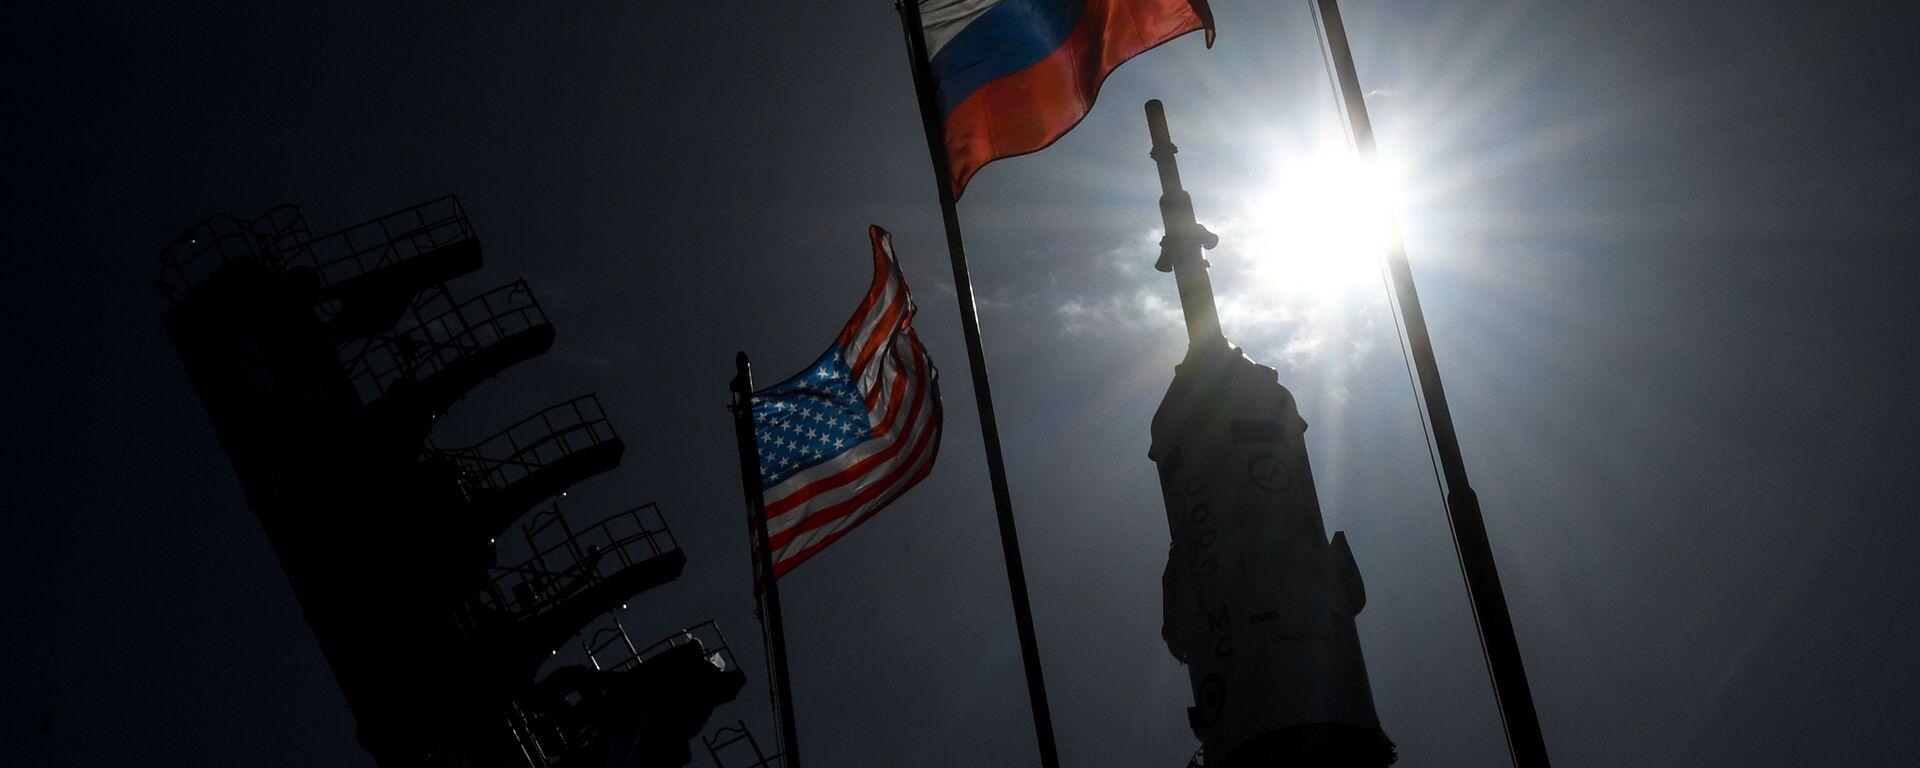 Заставе САД и Русије - Sputnik Србија, 1920, 11.07.2021